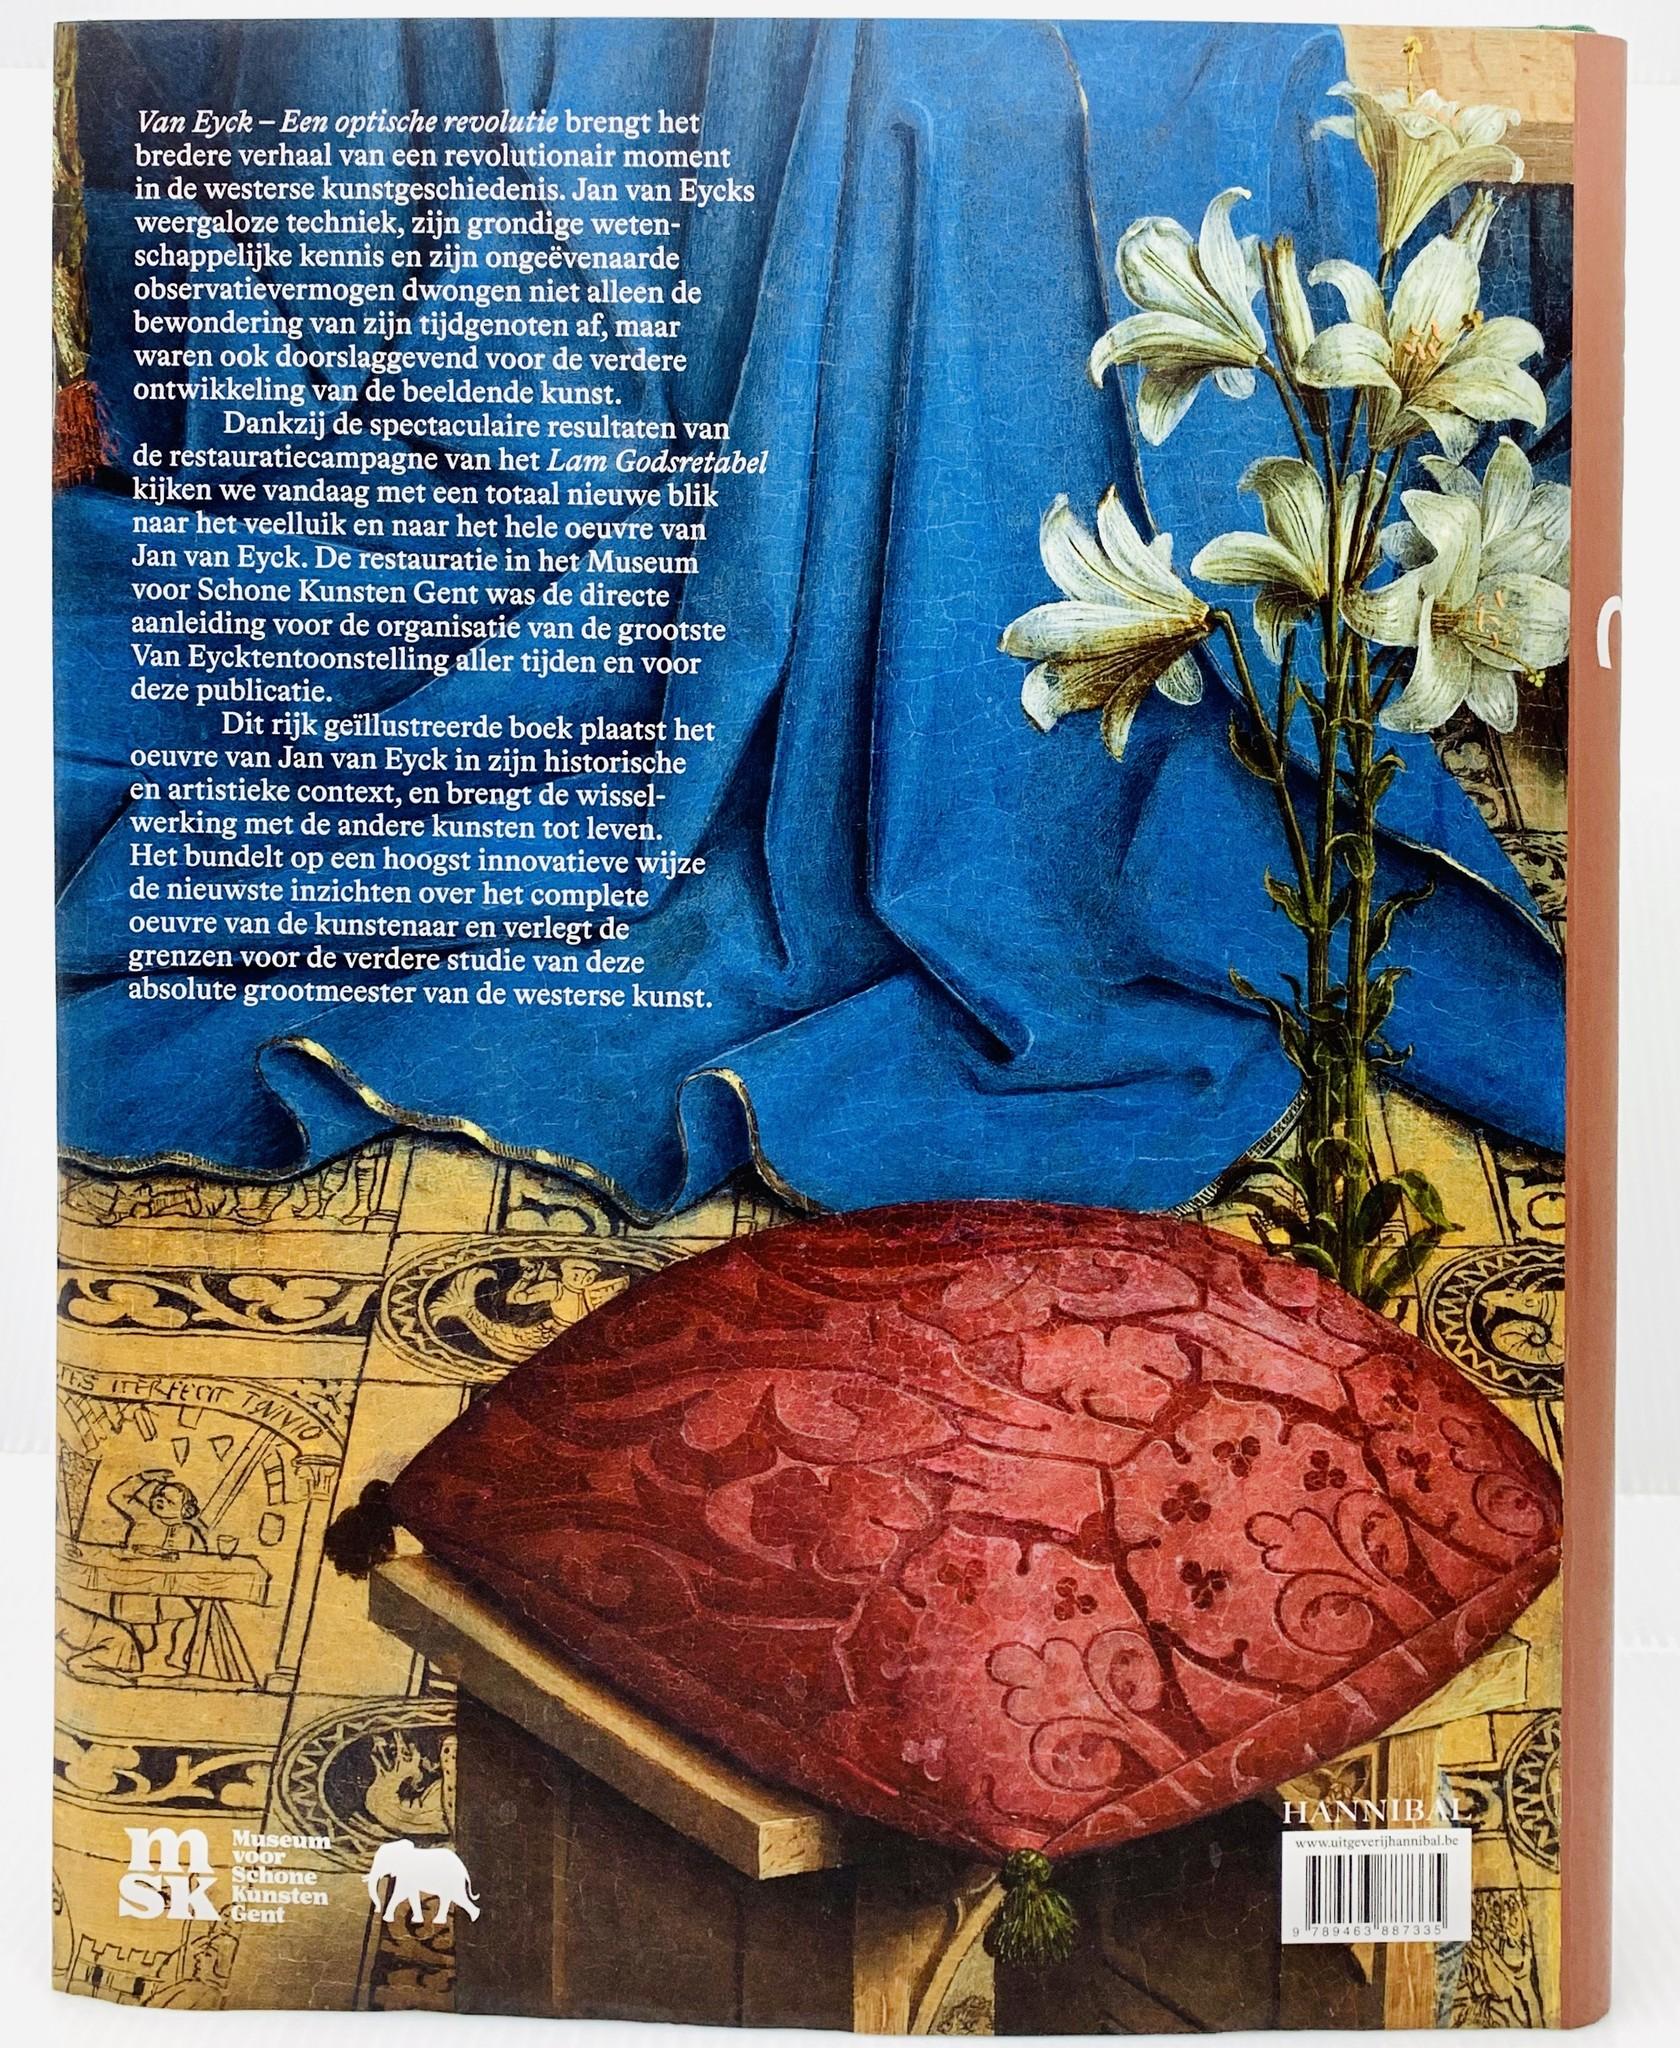 MSK Catalogus 'Van Eyck - Een optische revolutie' (Duits) - MSK